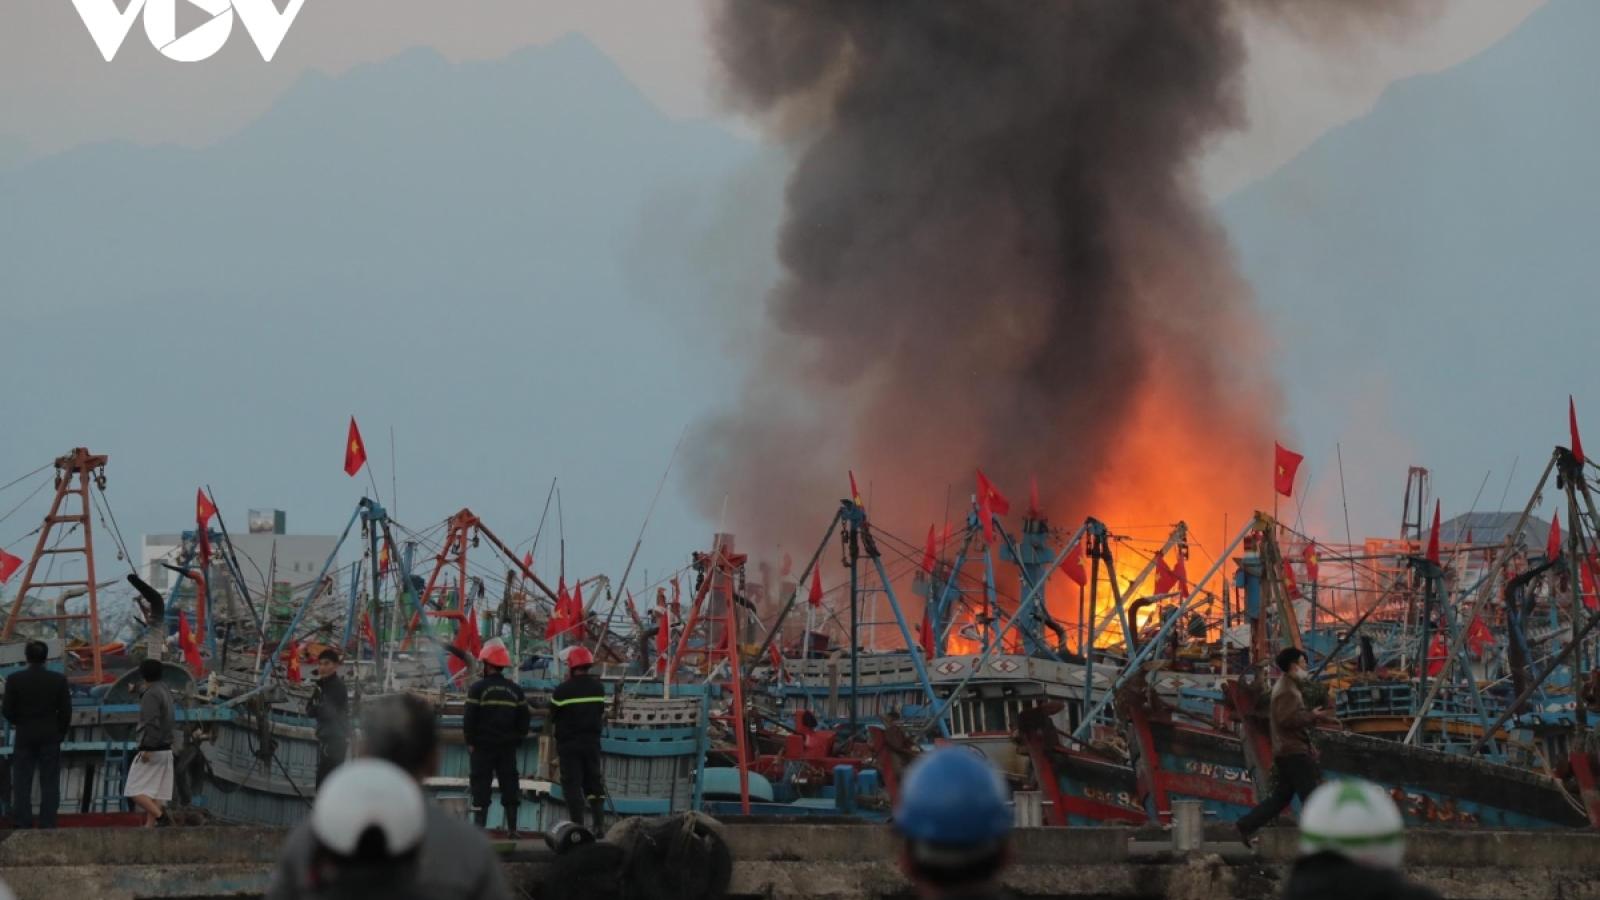 Đà Nẵng hỗ trợ chủ tàu cá Bình Định bị cháy tàu ở âu thuyền Thọ Quang